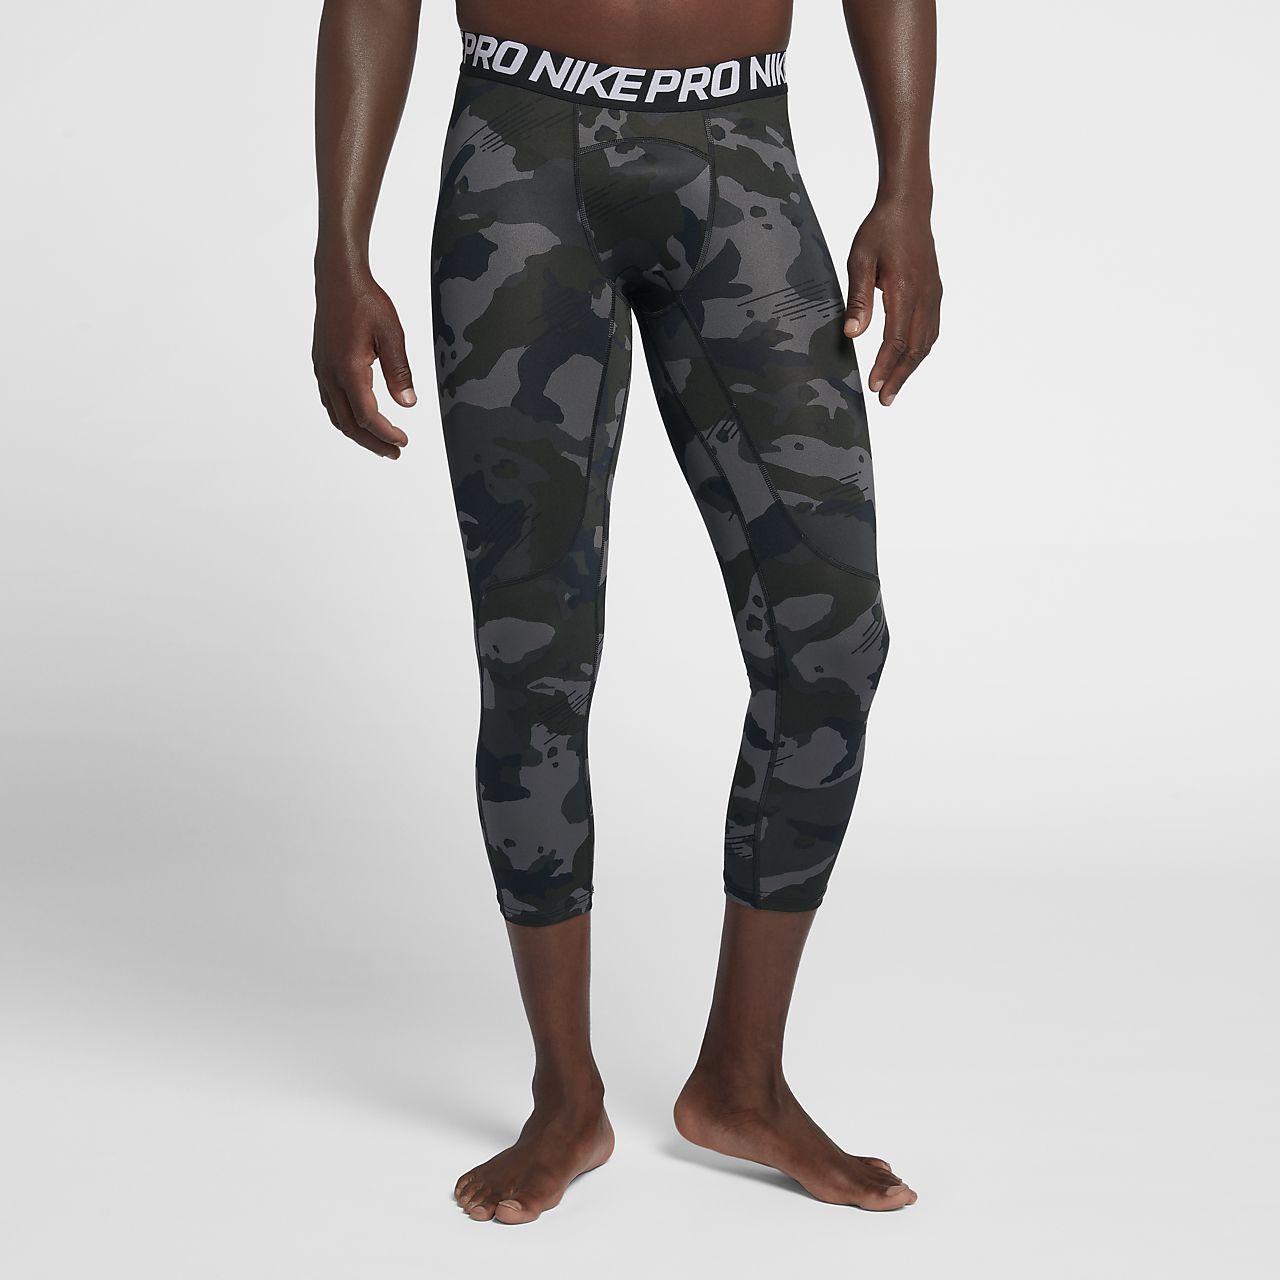 f51c72fdbb602 Nike Pro Men's 3/4 Camo Tights. Nike.com ID